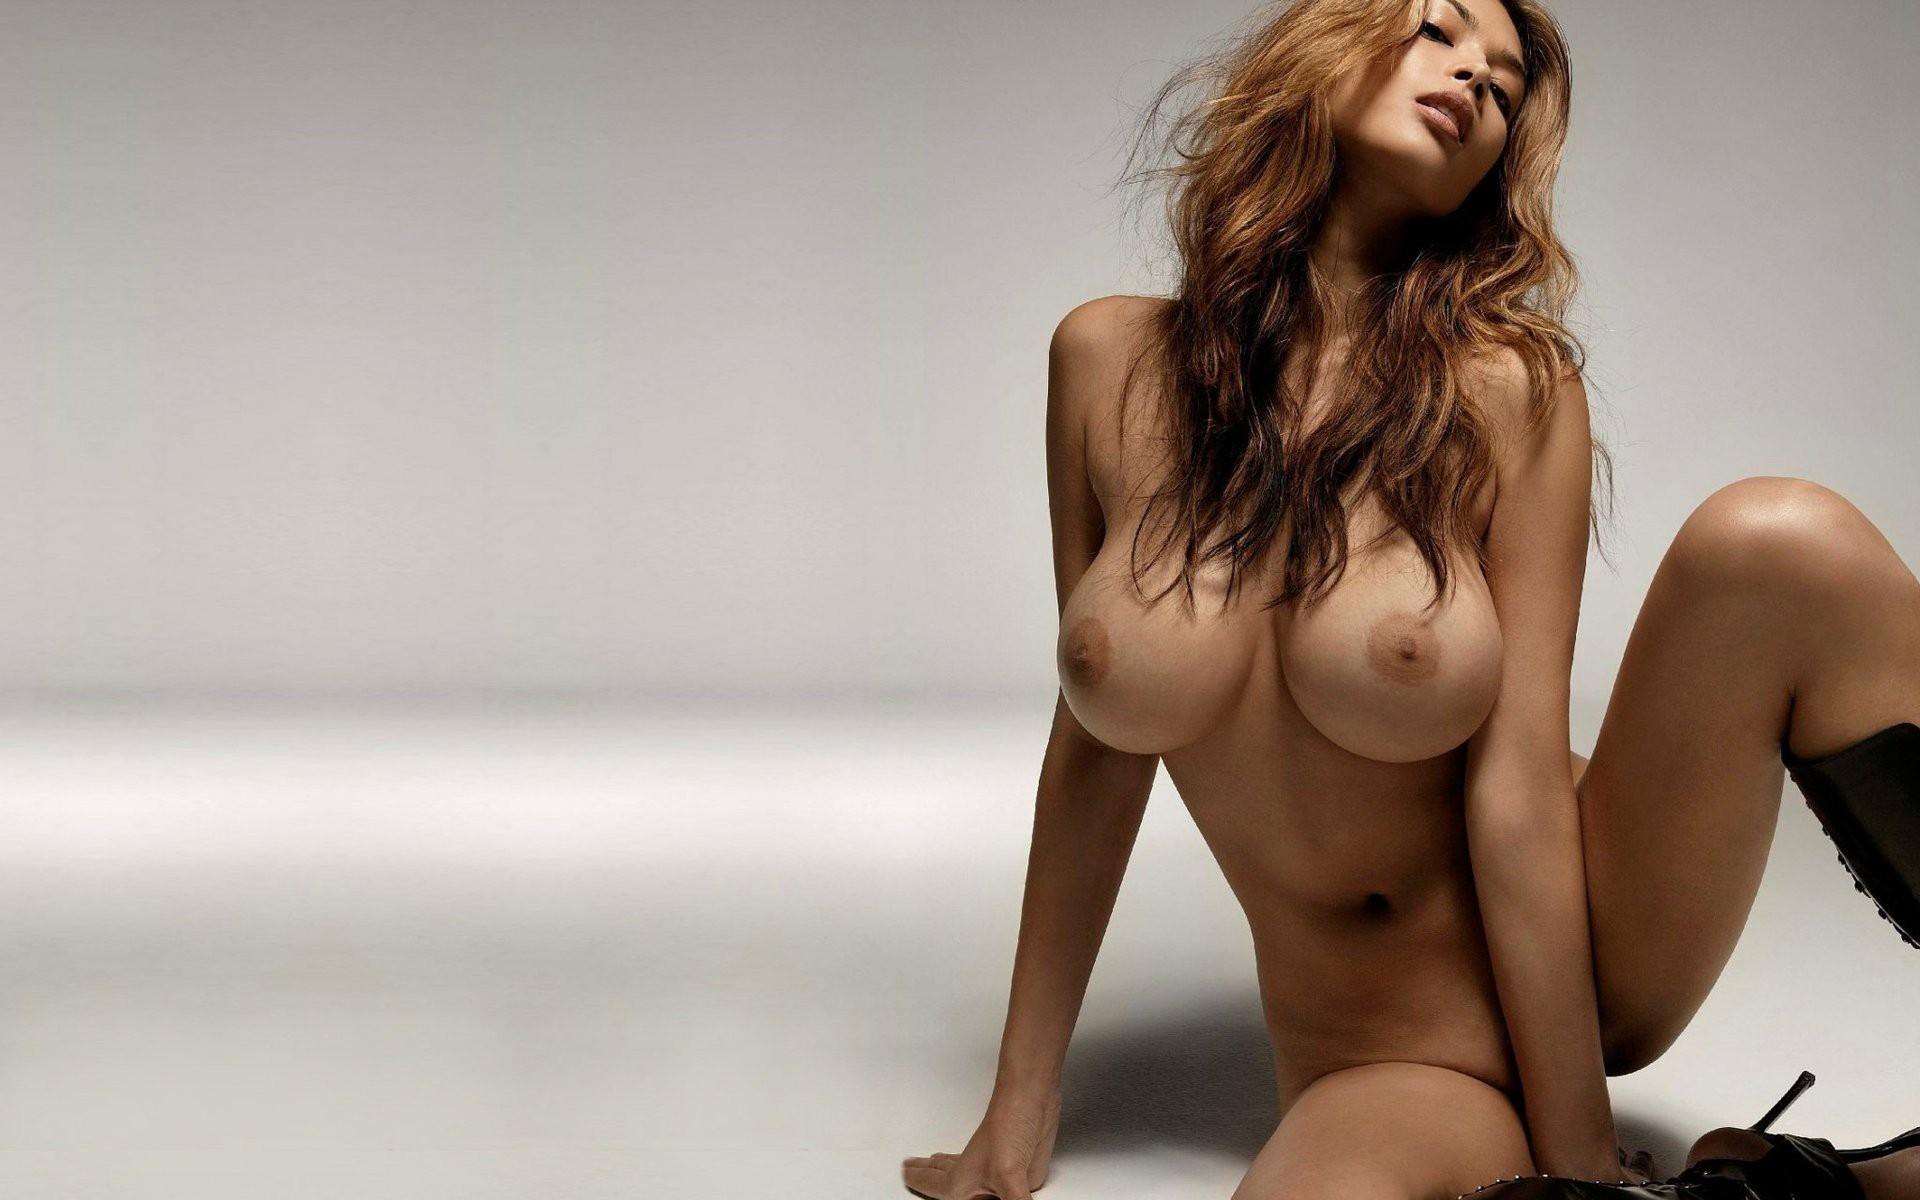 Фільми смотреть онлайн бесплатно еротичні садо мазо 16 фотография